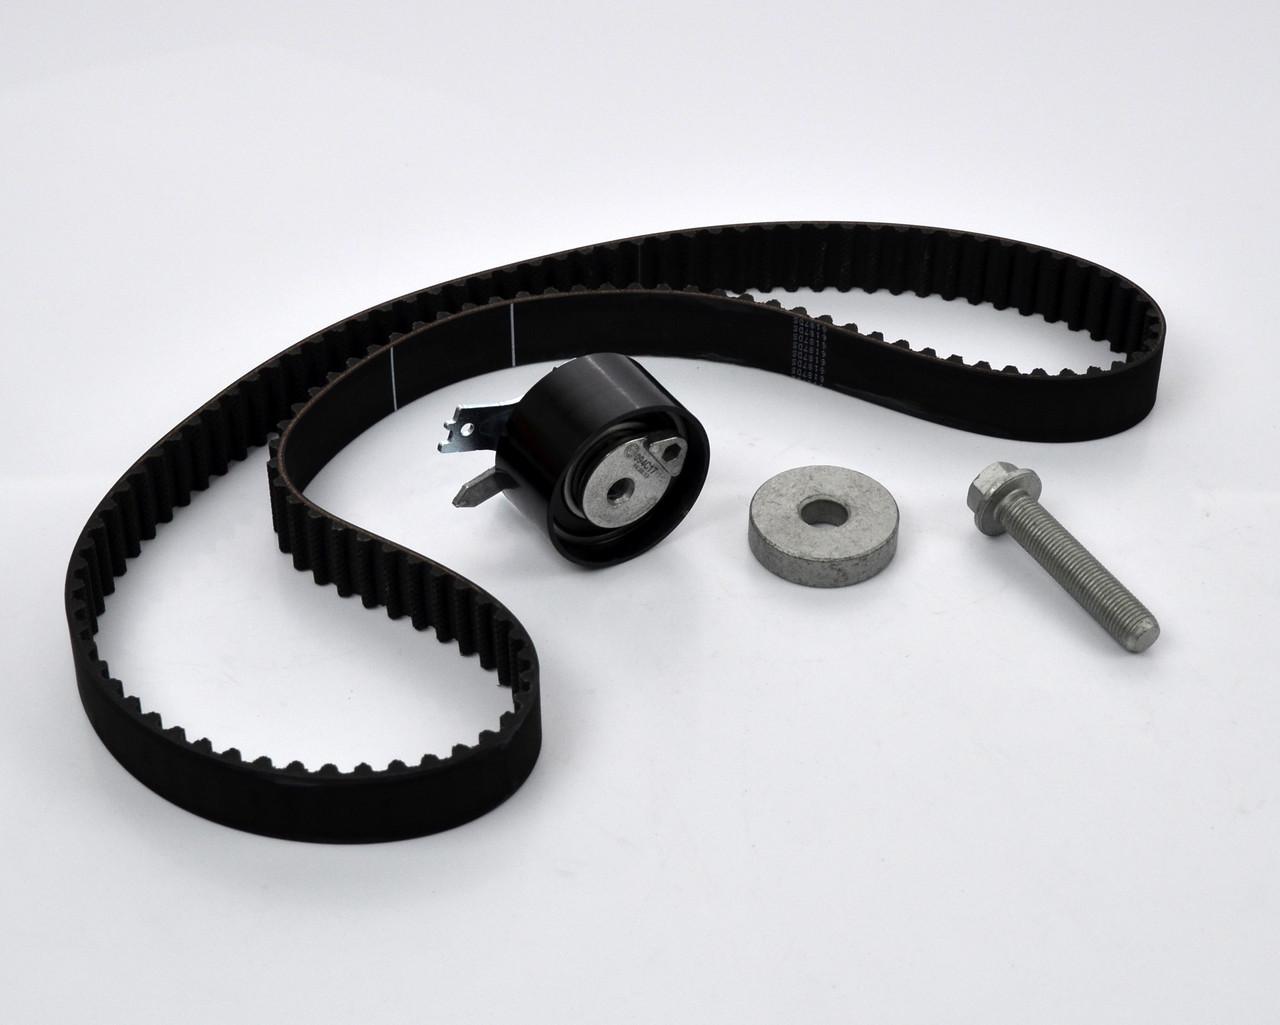 Комплект натягувач + ремінь ГРМ на Renault Kangoo 2001-> 1.5 dCi — Renault (Оригінал) - 7701477028